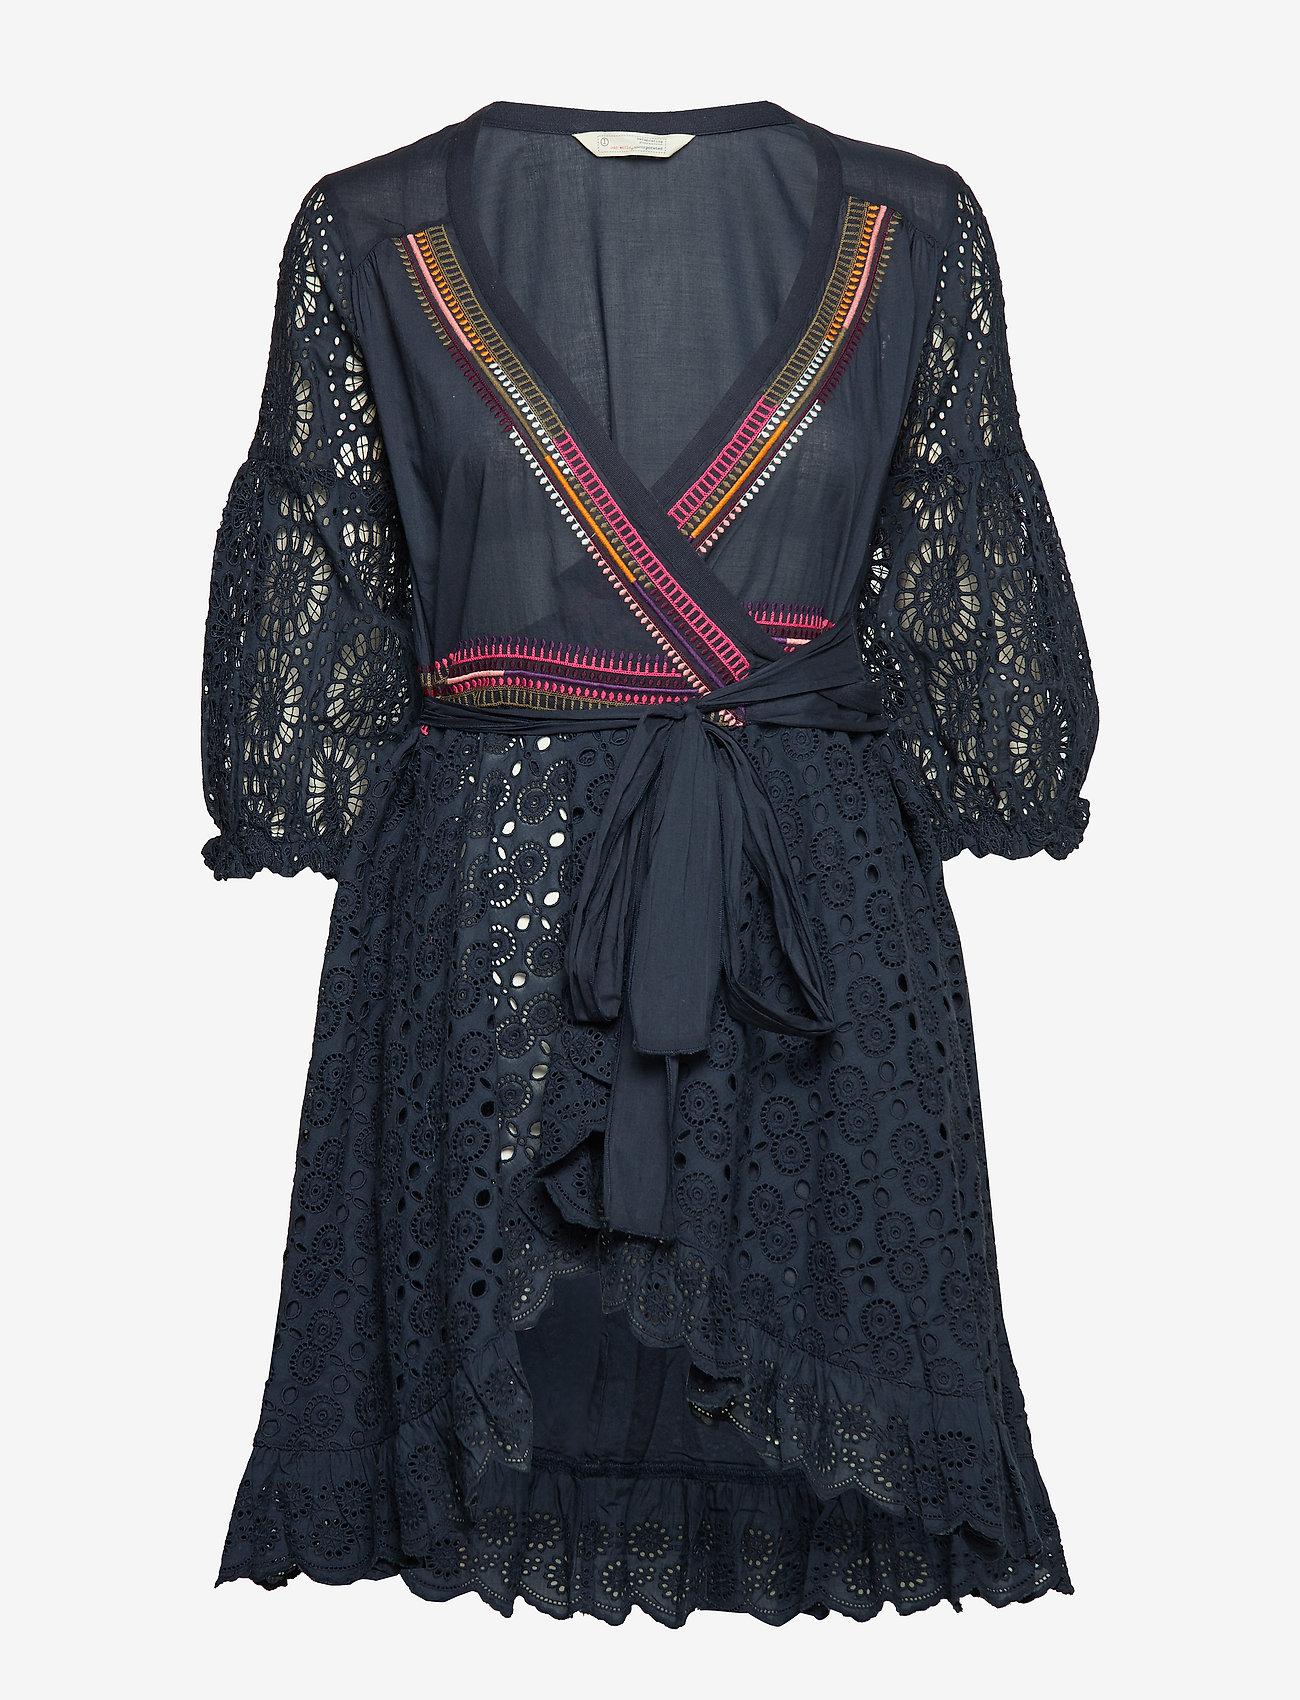 ODD MOLLY - two-step flow dress - lyhyet mekot - dark blue